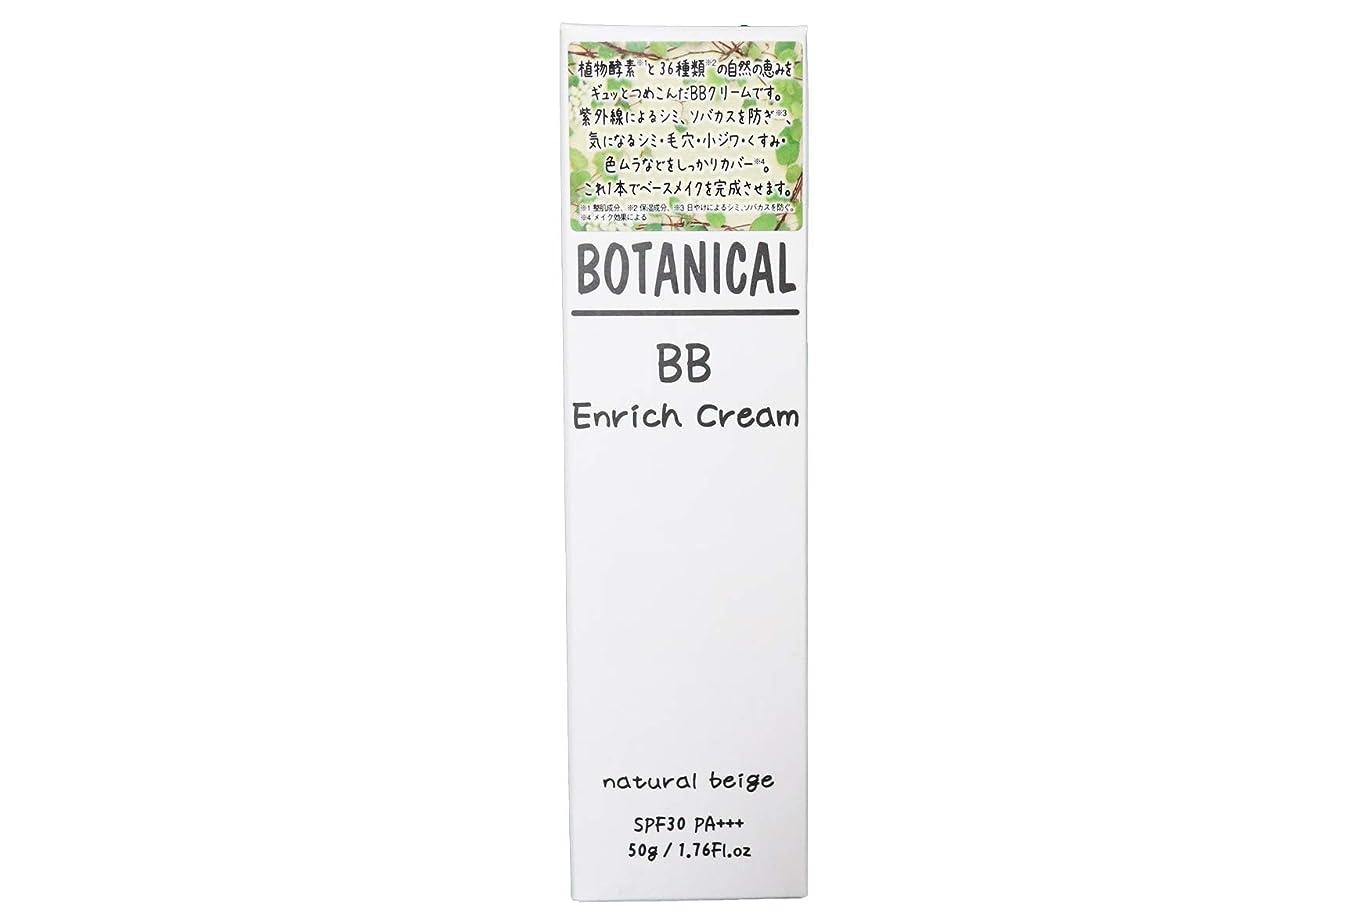 見る人配置不愉快にボタニカル BBエンリッチクリーム 50g